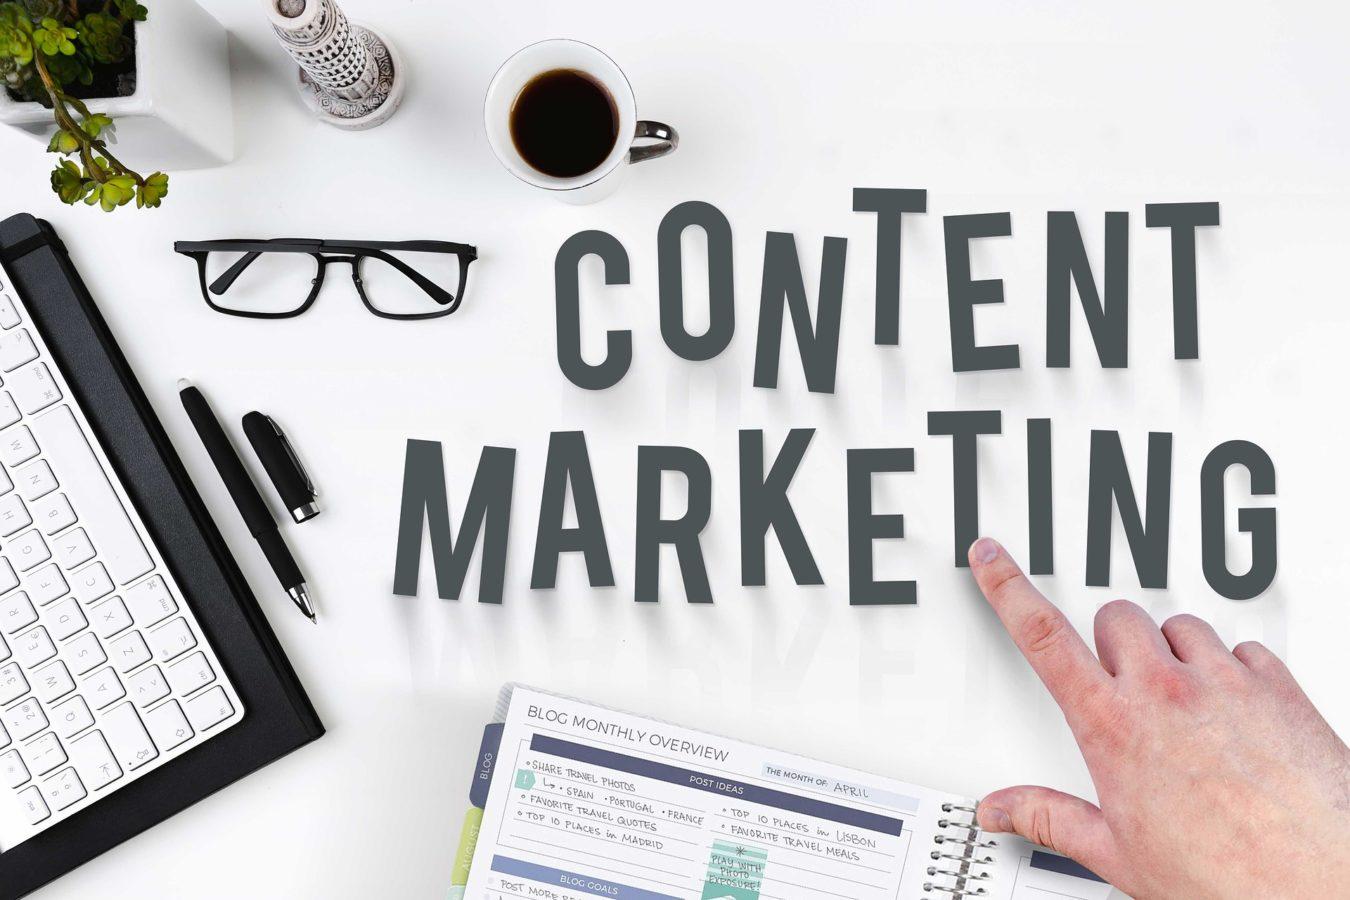 Recruter ou séduire, le nouveau dilemme de la stratégie marketing !